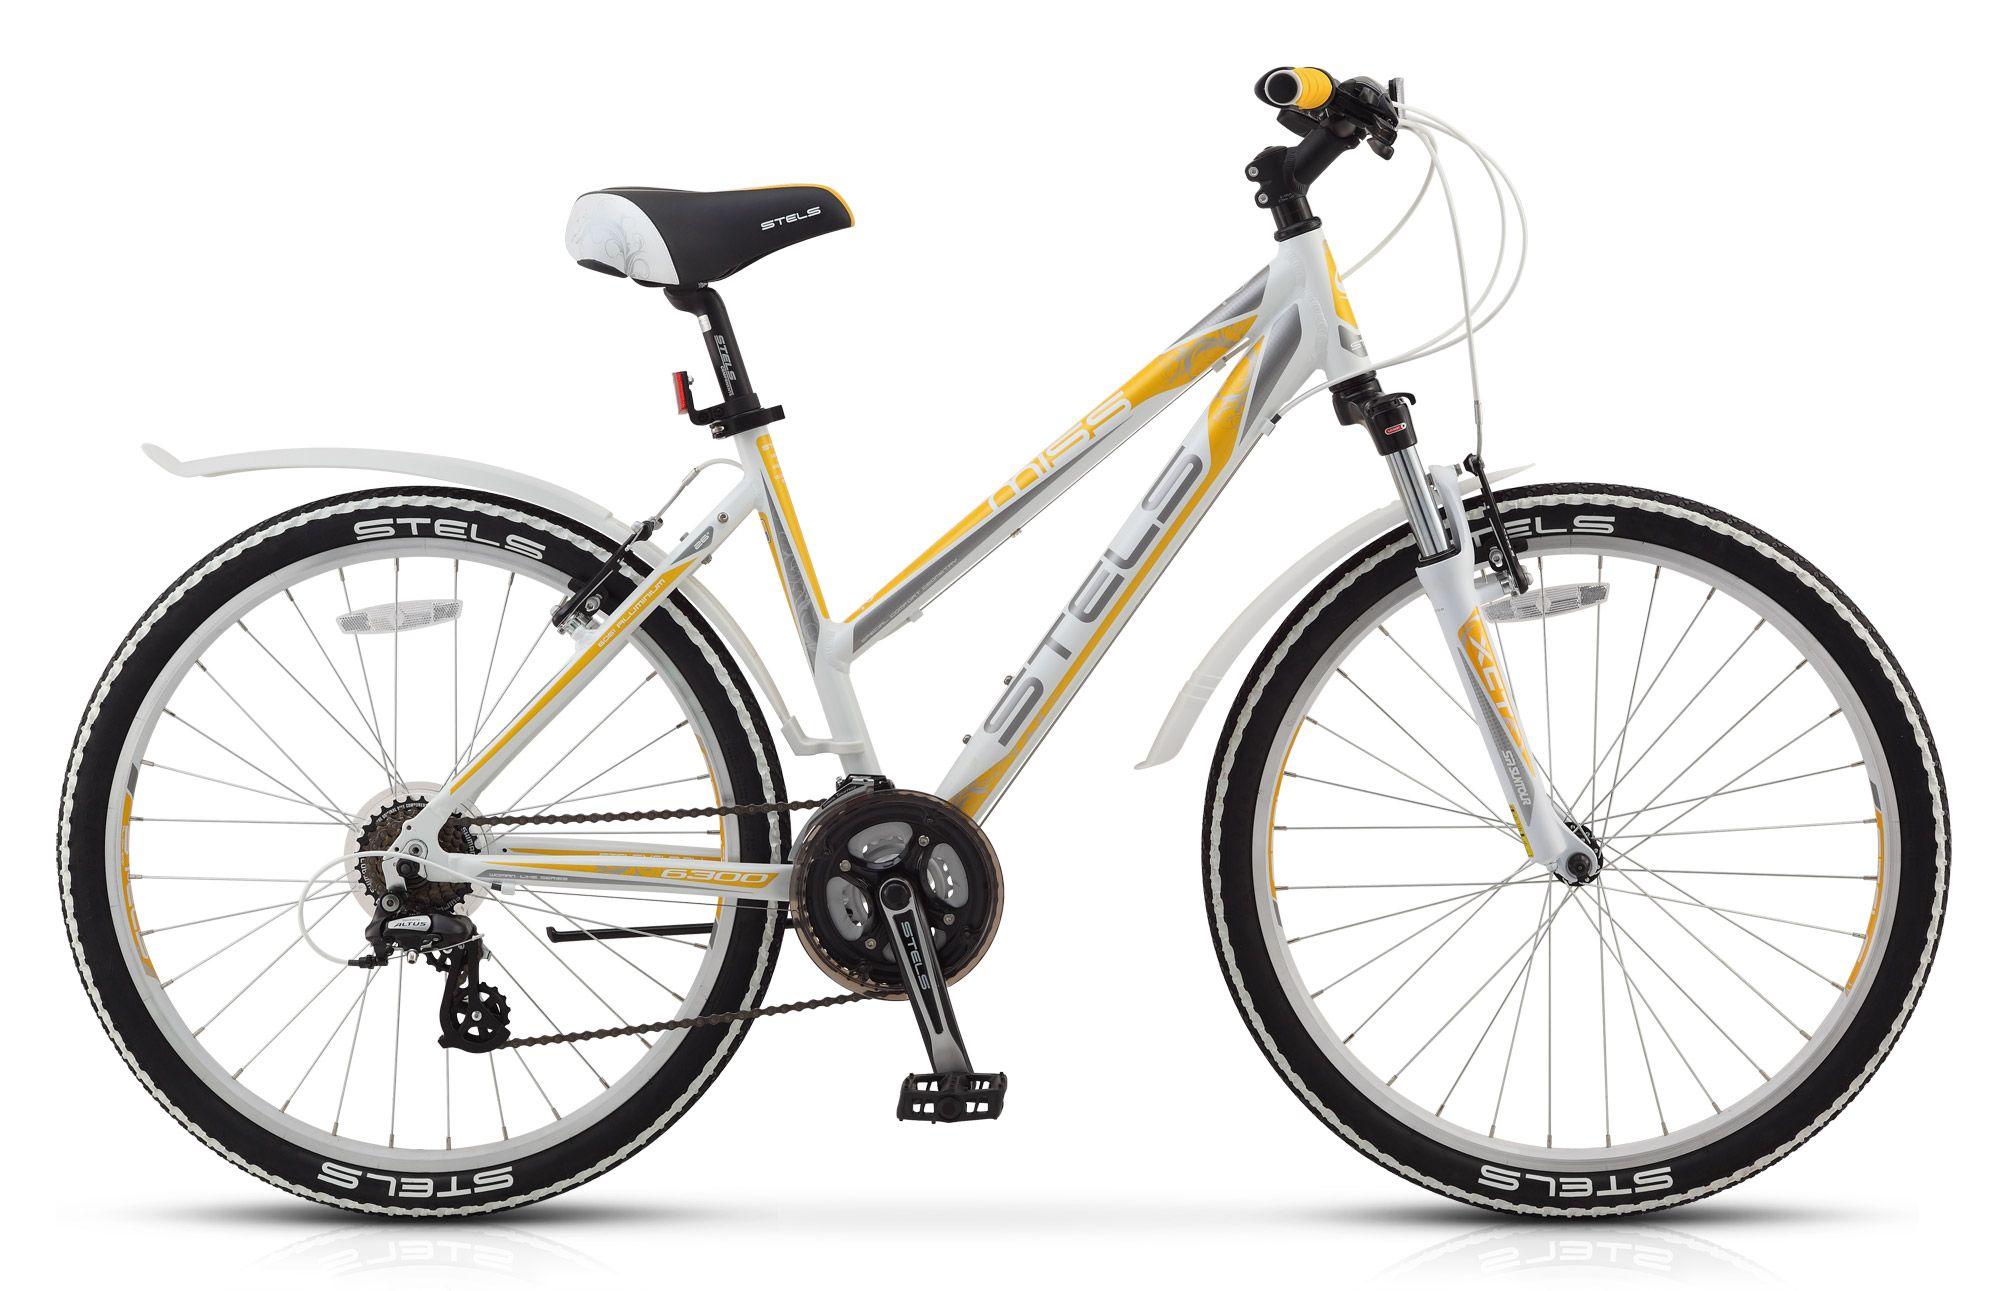 Велосипед Stels Miss 6300 V (2016) бело-серо-желтый 17.5СПОРТИВНЫЕ<br><br><br>бренд: STELS<br>год: Всесезонный<br>рама: Алюминий (Alloy)<br>вилка: Амортизационная (пружина)<br>блокировка амортизатора: Нет<br>диаметр колес: 26<br>тормоза: Ободные (V-brake)<br>уровень оборудования: Начальный<br>количество скоростей: 21<br>Цвет: бело-серо-желтый<br>Размер: 17.5